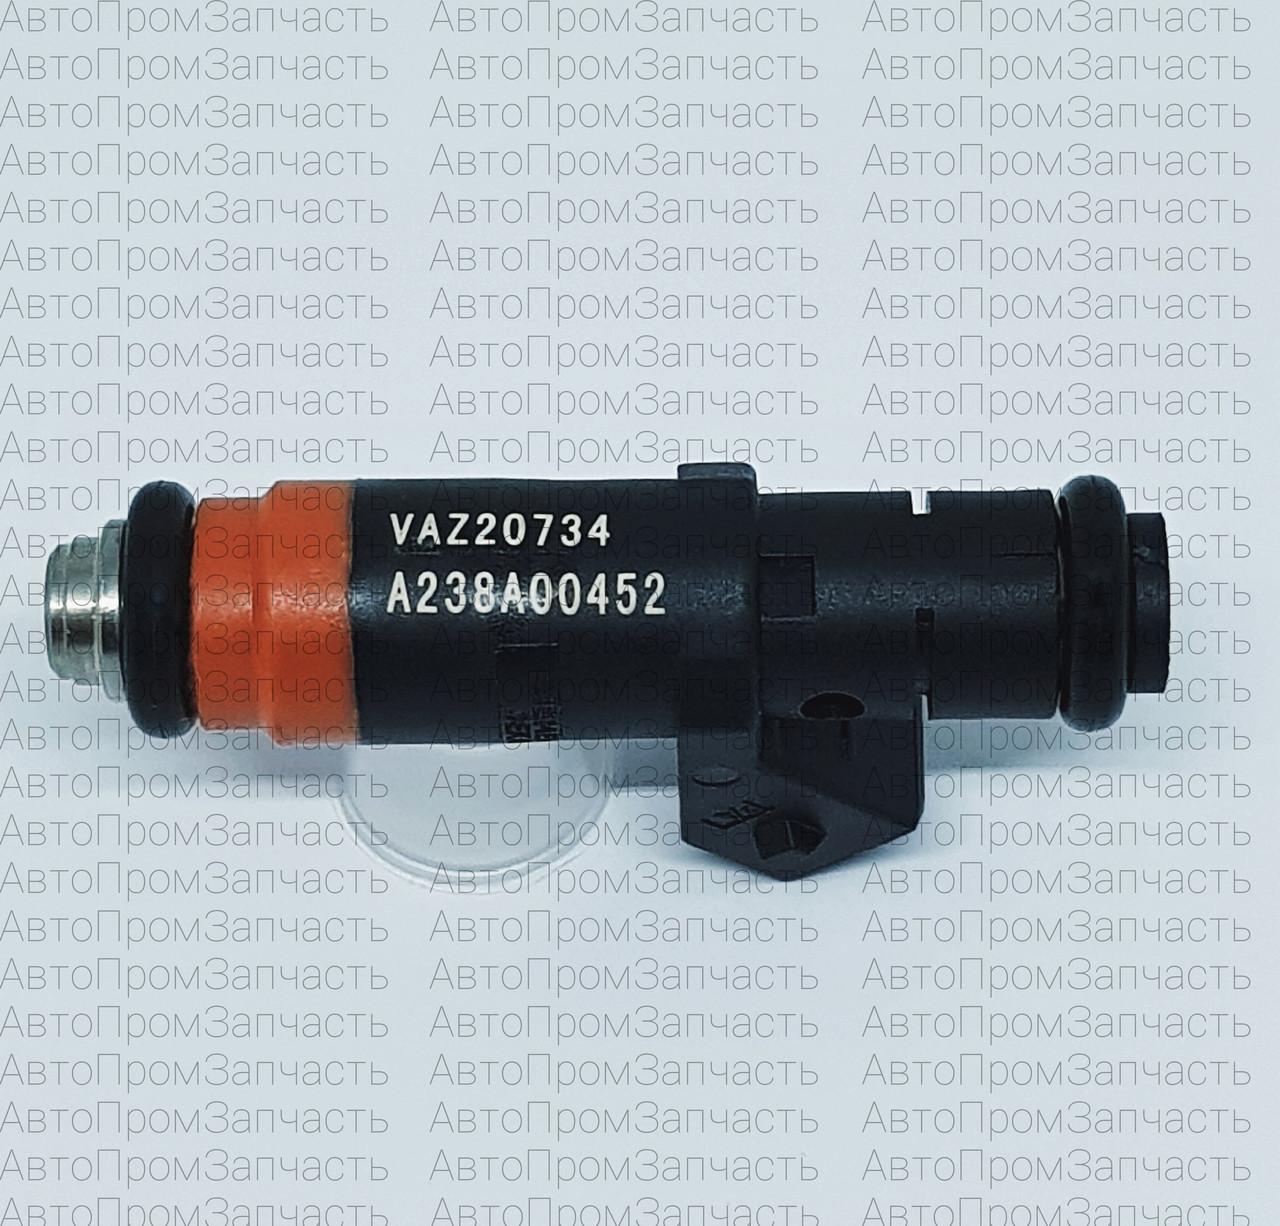 Форсунка топливная ВАЗ 2110, 2111, 2112 (1,5-8 кл. тонкий) Siemens VAZ 20734